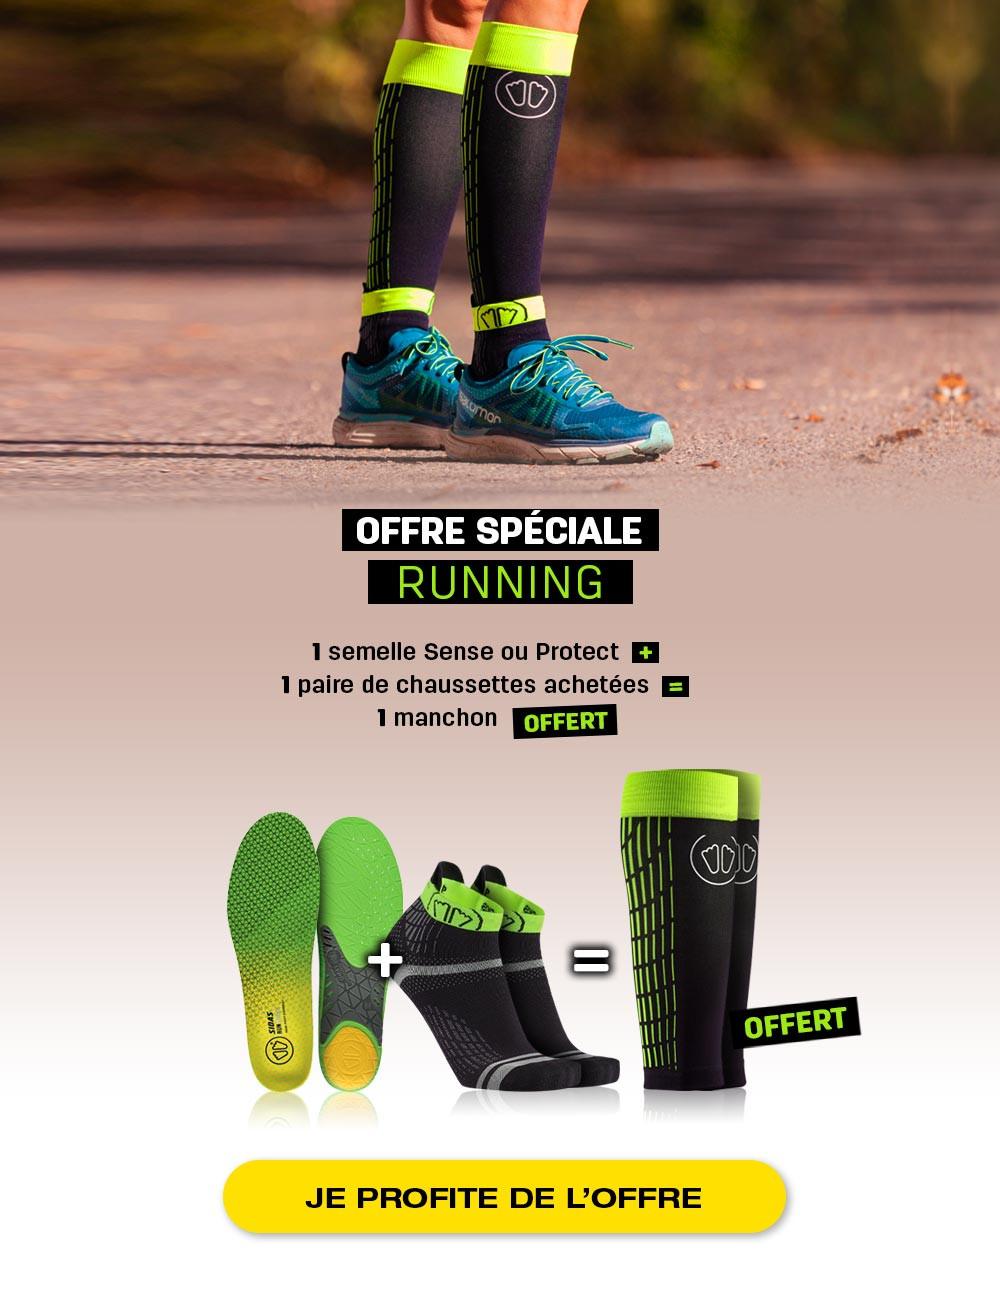 Offre running : Profitez d'une offre spéciale sur nos semelles running 3D ou 3Feet !